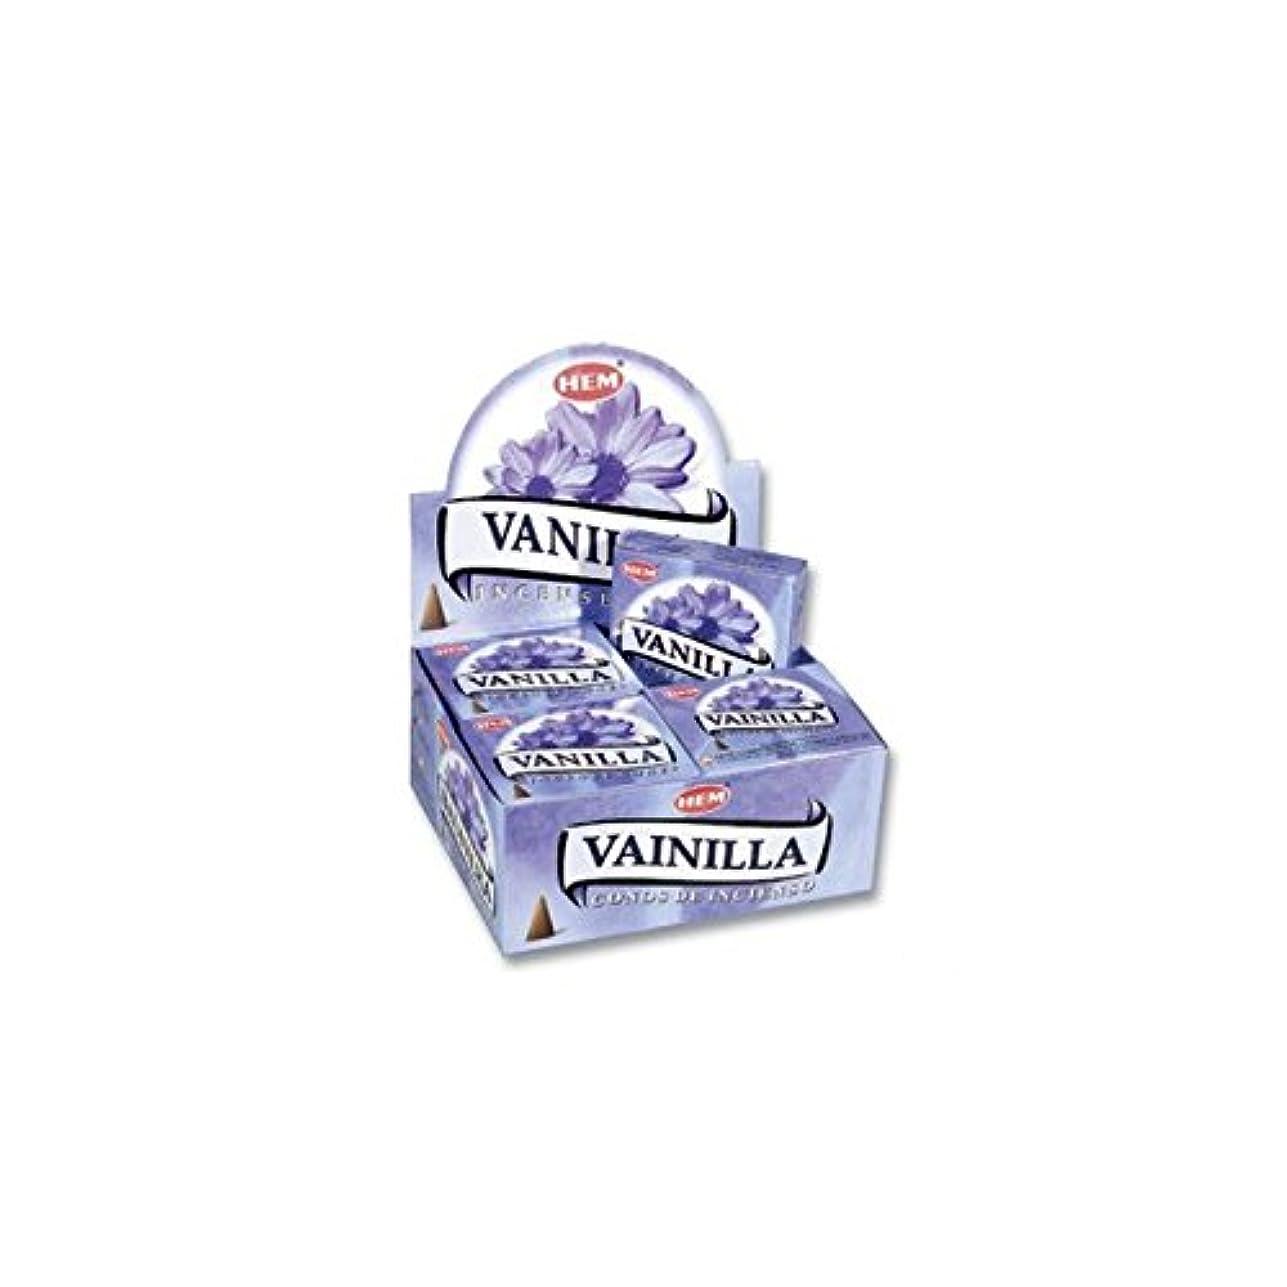 潤滑するモロニック自動的にHEM お香 バニラ(VANILLA) コーンタイプ 1ケース(12箱入り) HEMお香